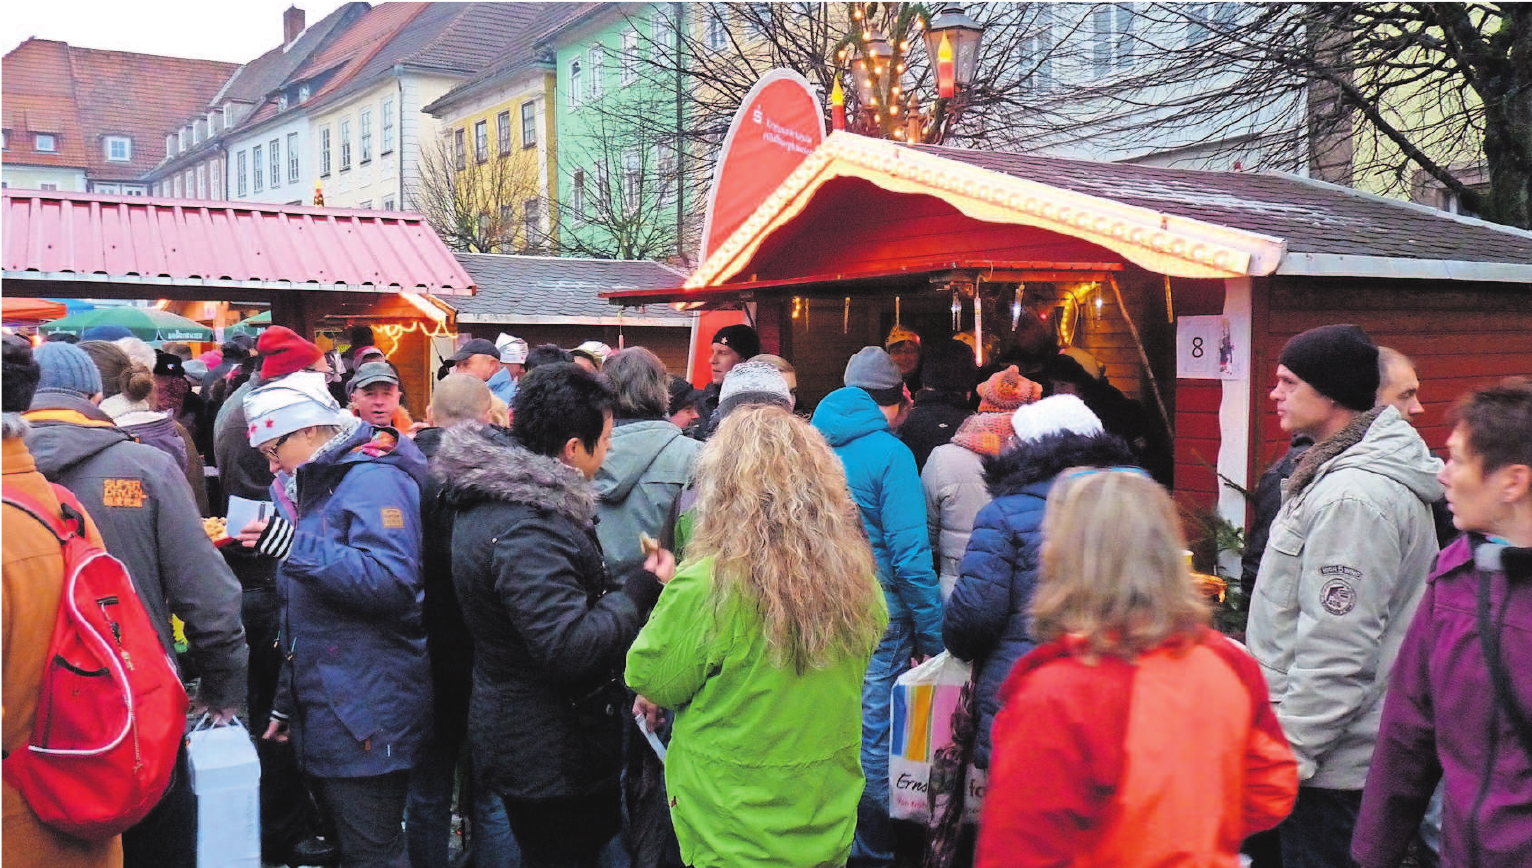 Herzlich willkommen zum Gänselieschen Glühweinmarkt in Hildburghausen. Foto: Archiv/Werbering